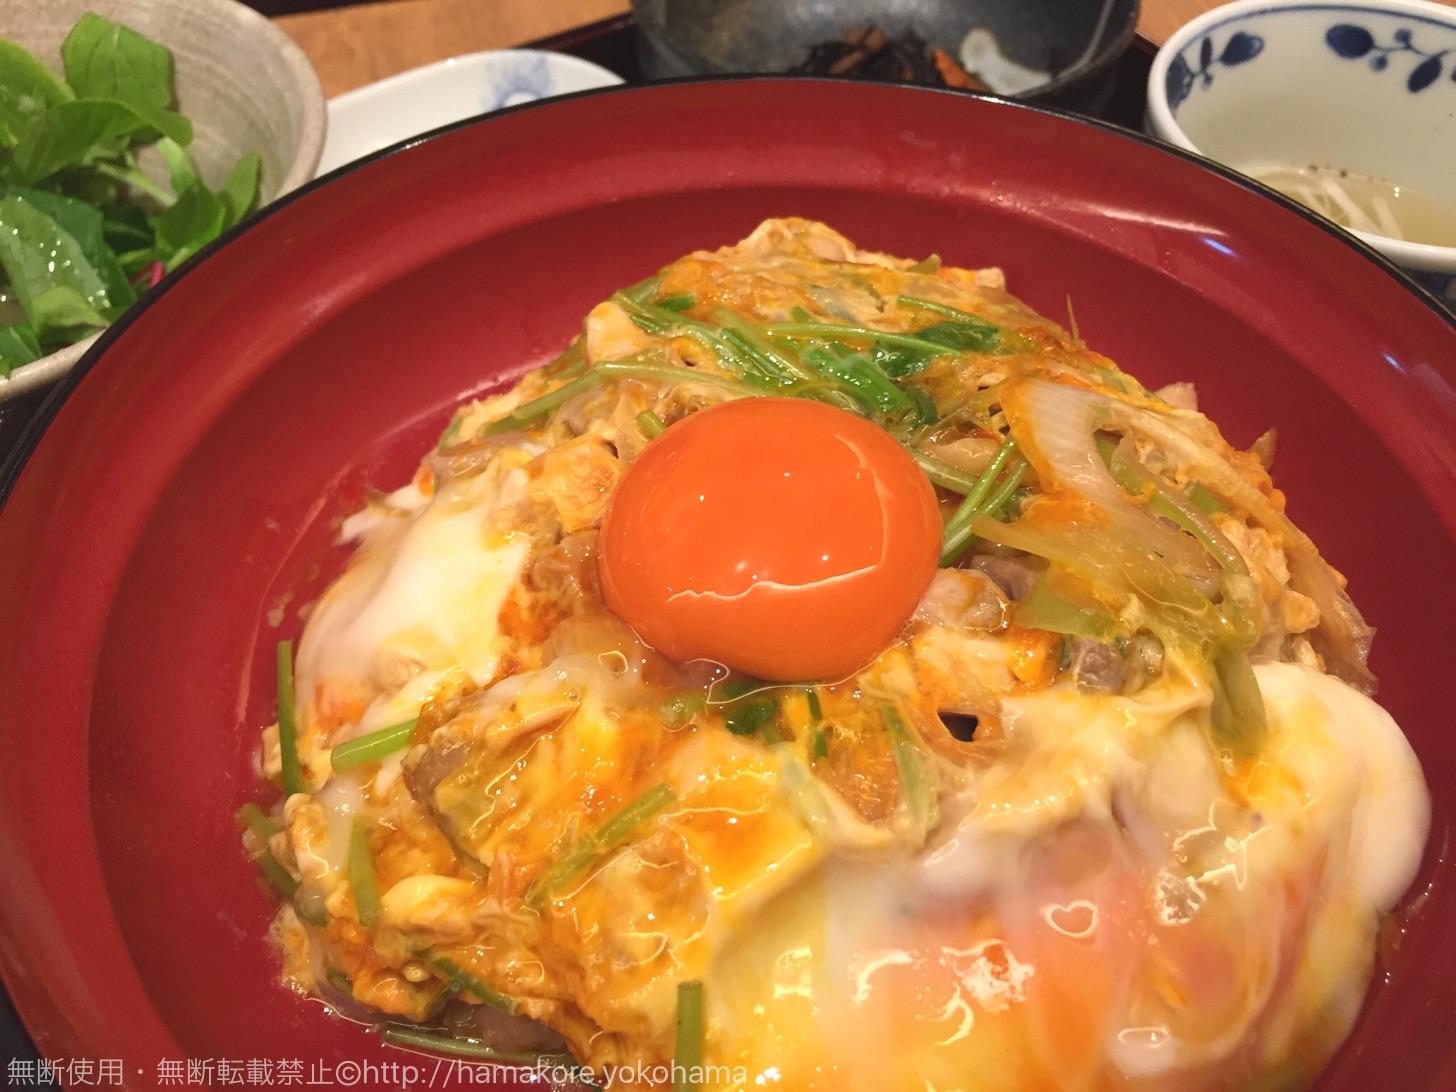 鳥幸食堂 ヨドバシ横浜店の親子丼の感想・レビュー